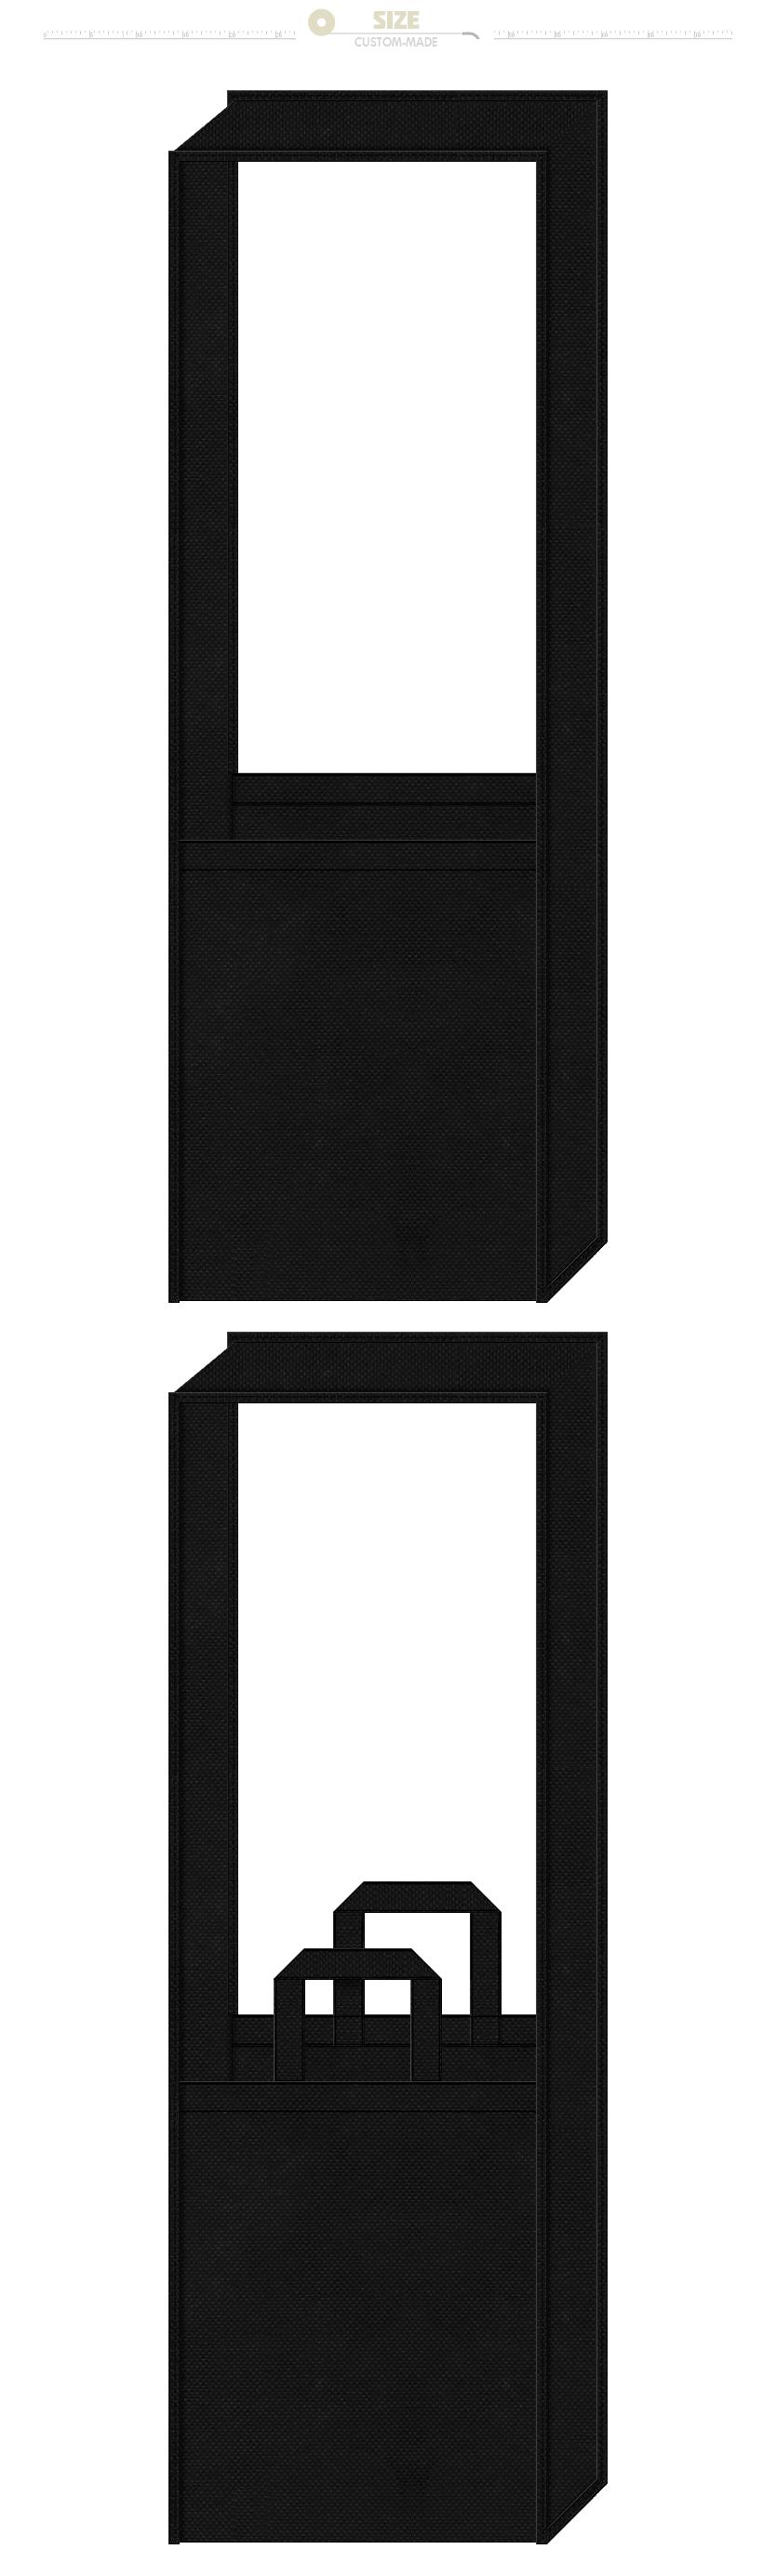 黒色のたすき掛けバッグ:不織布メッセンジャーバッグ